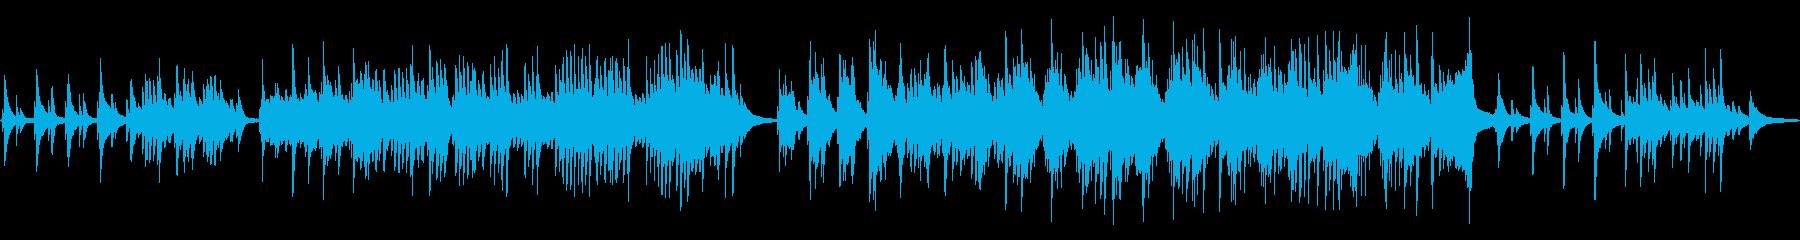 美しく切ないピアノラブソングの再生済みの波形